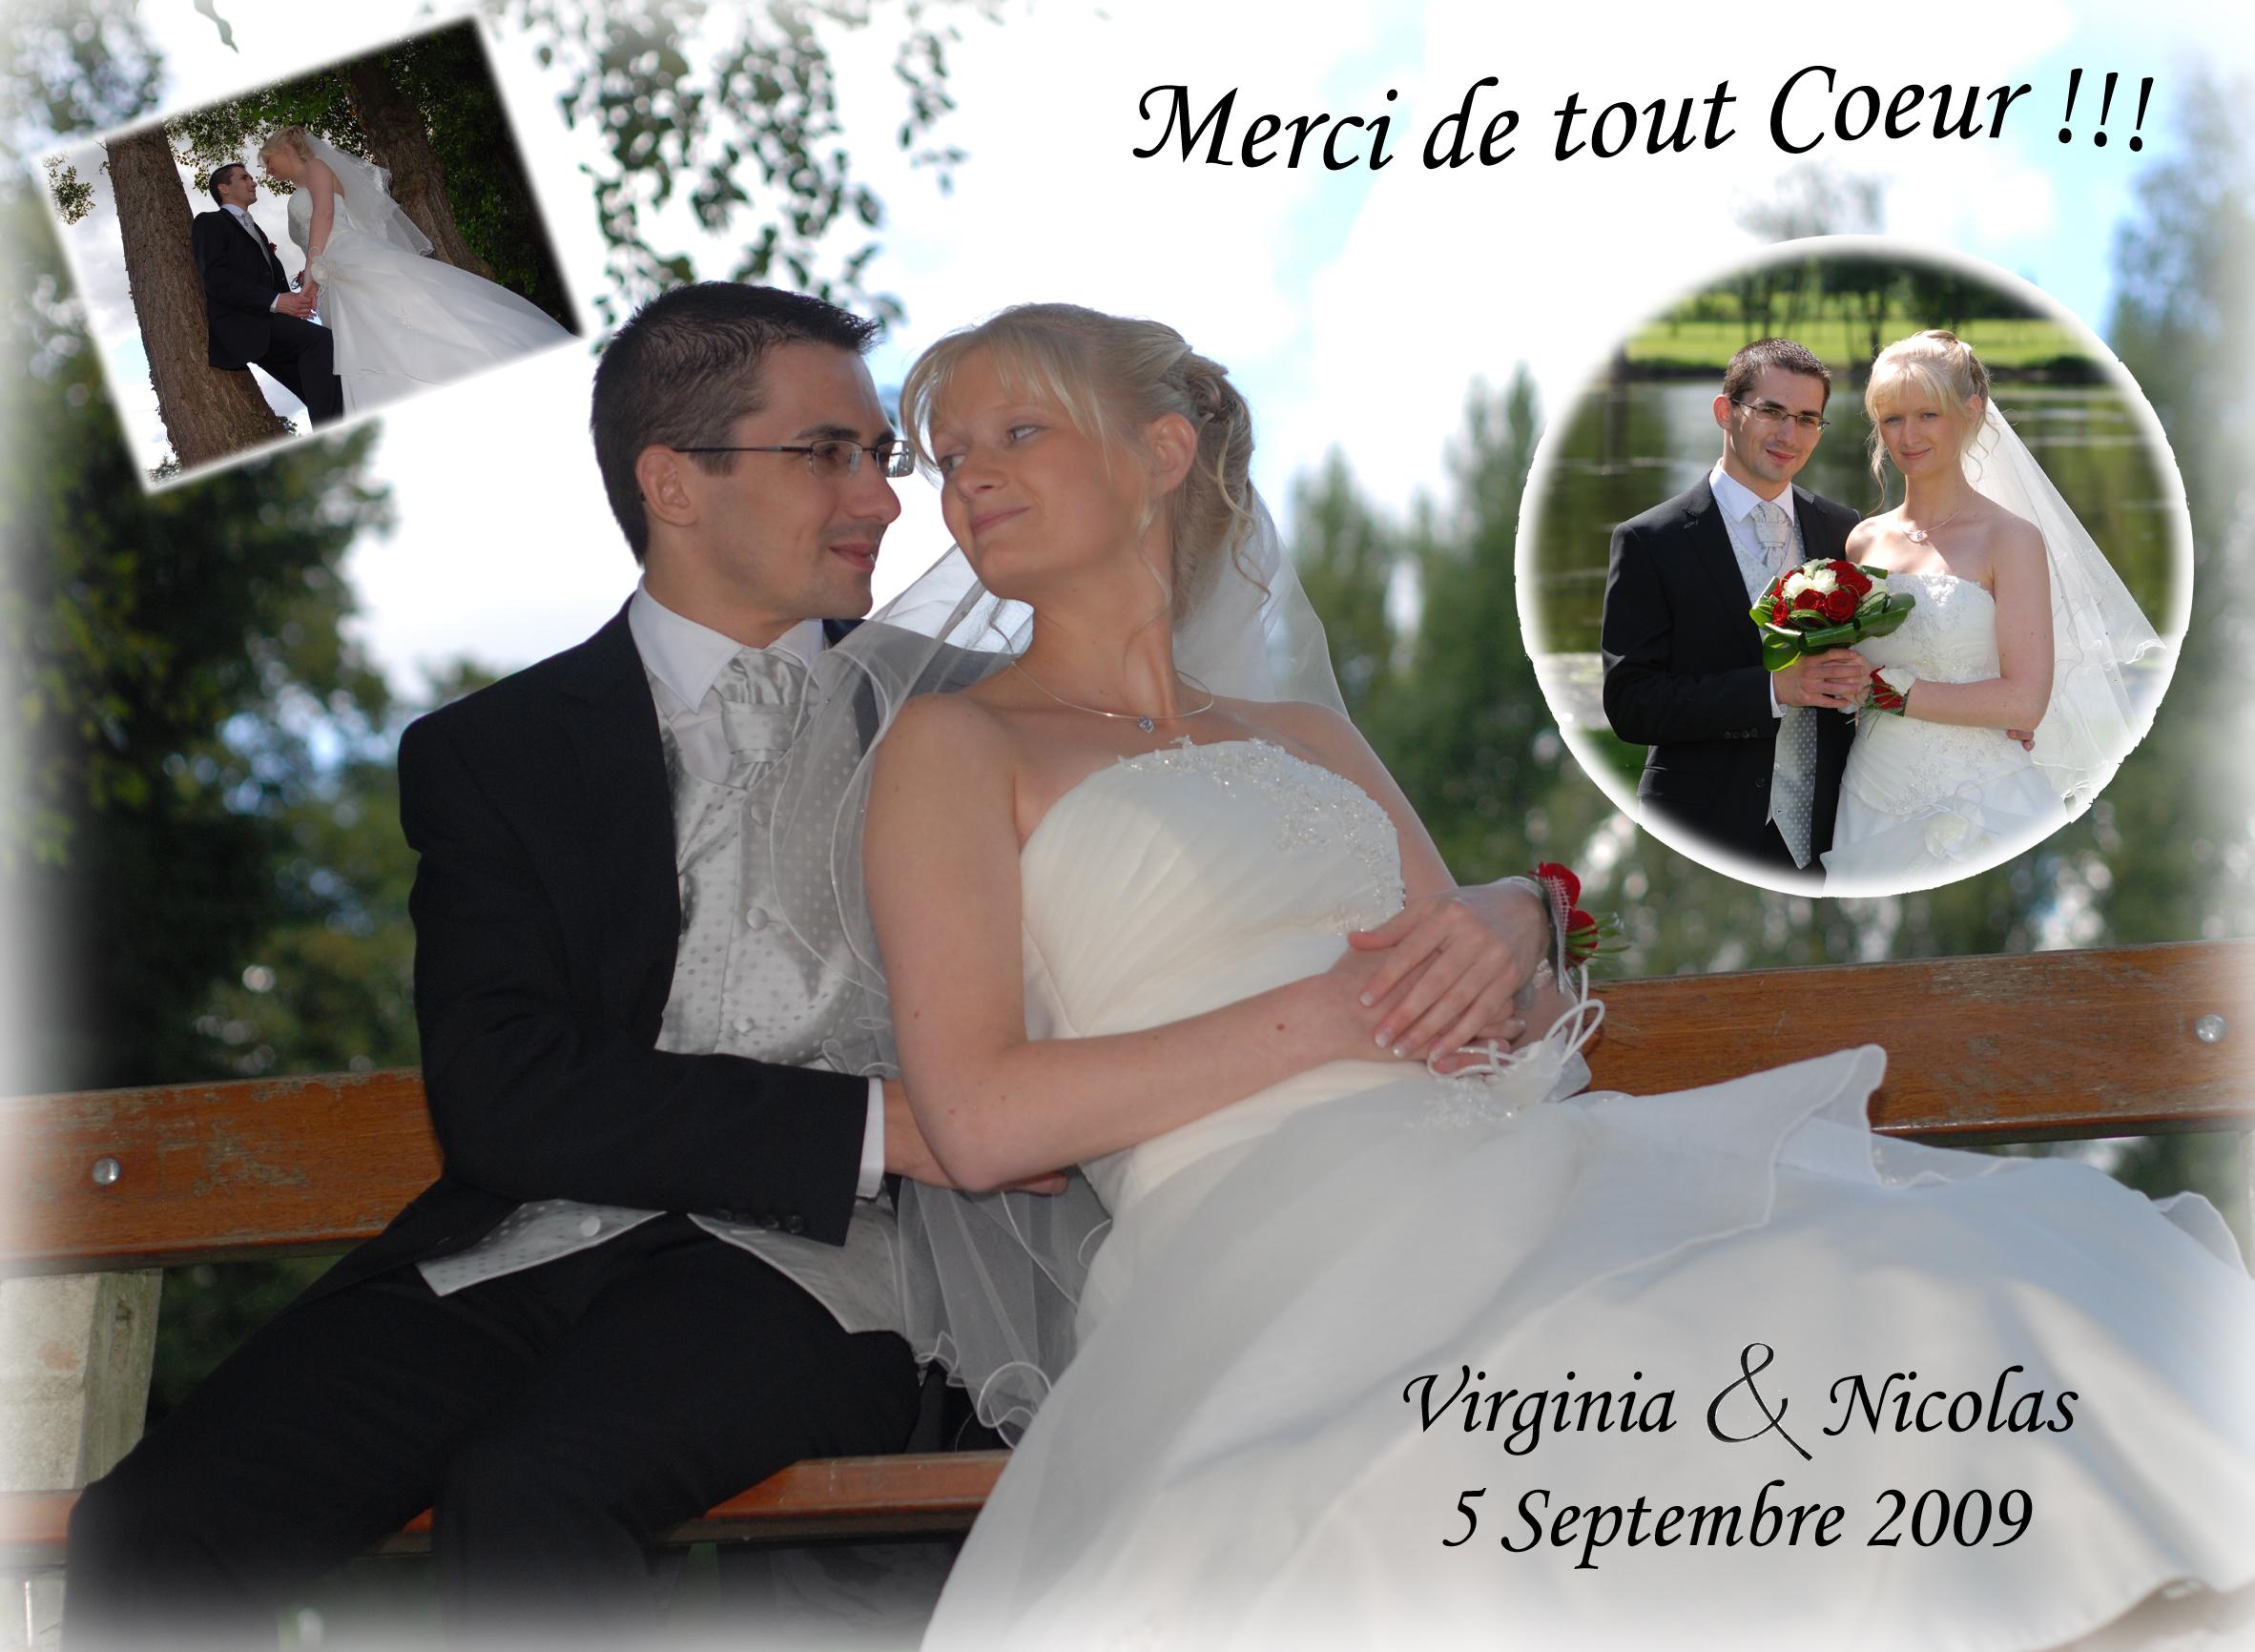 05 Septembre 2009 - Côté jardin